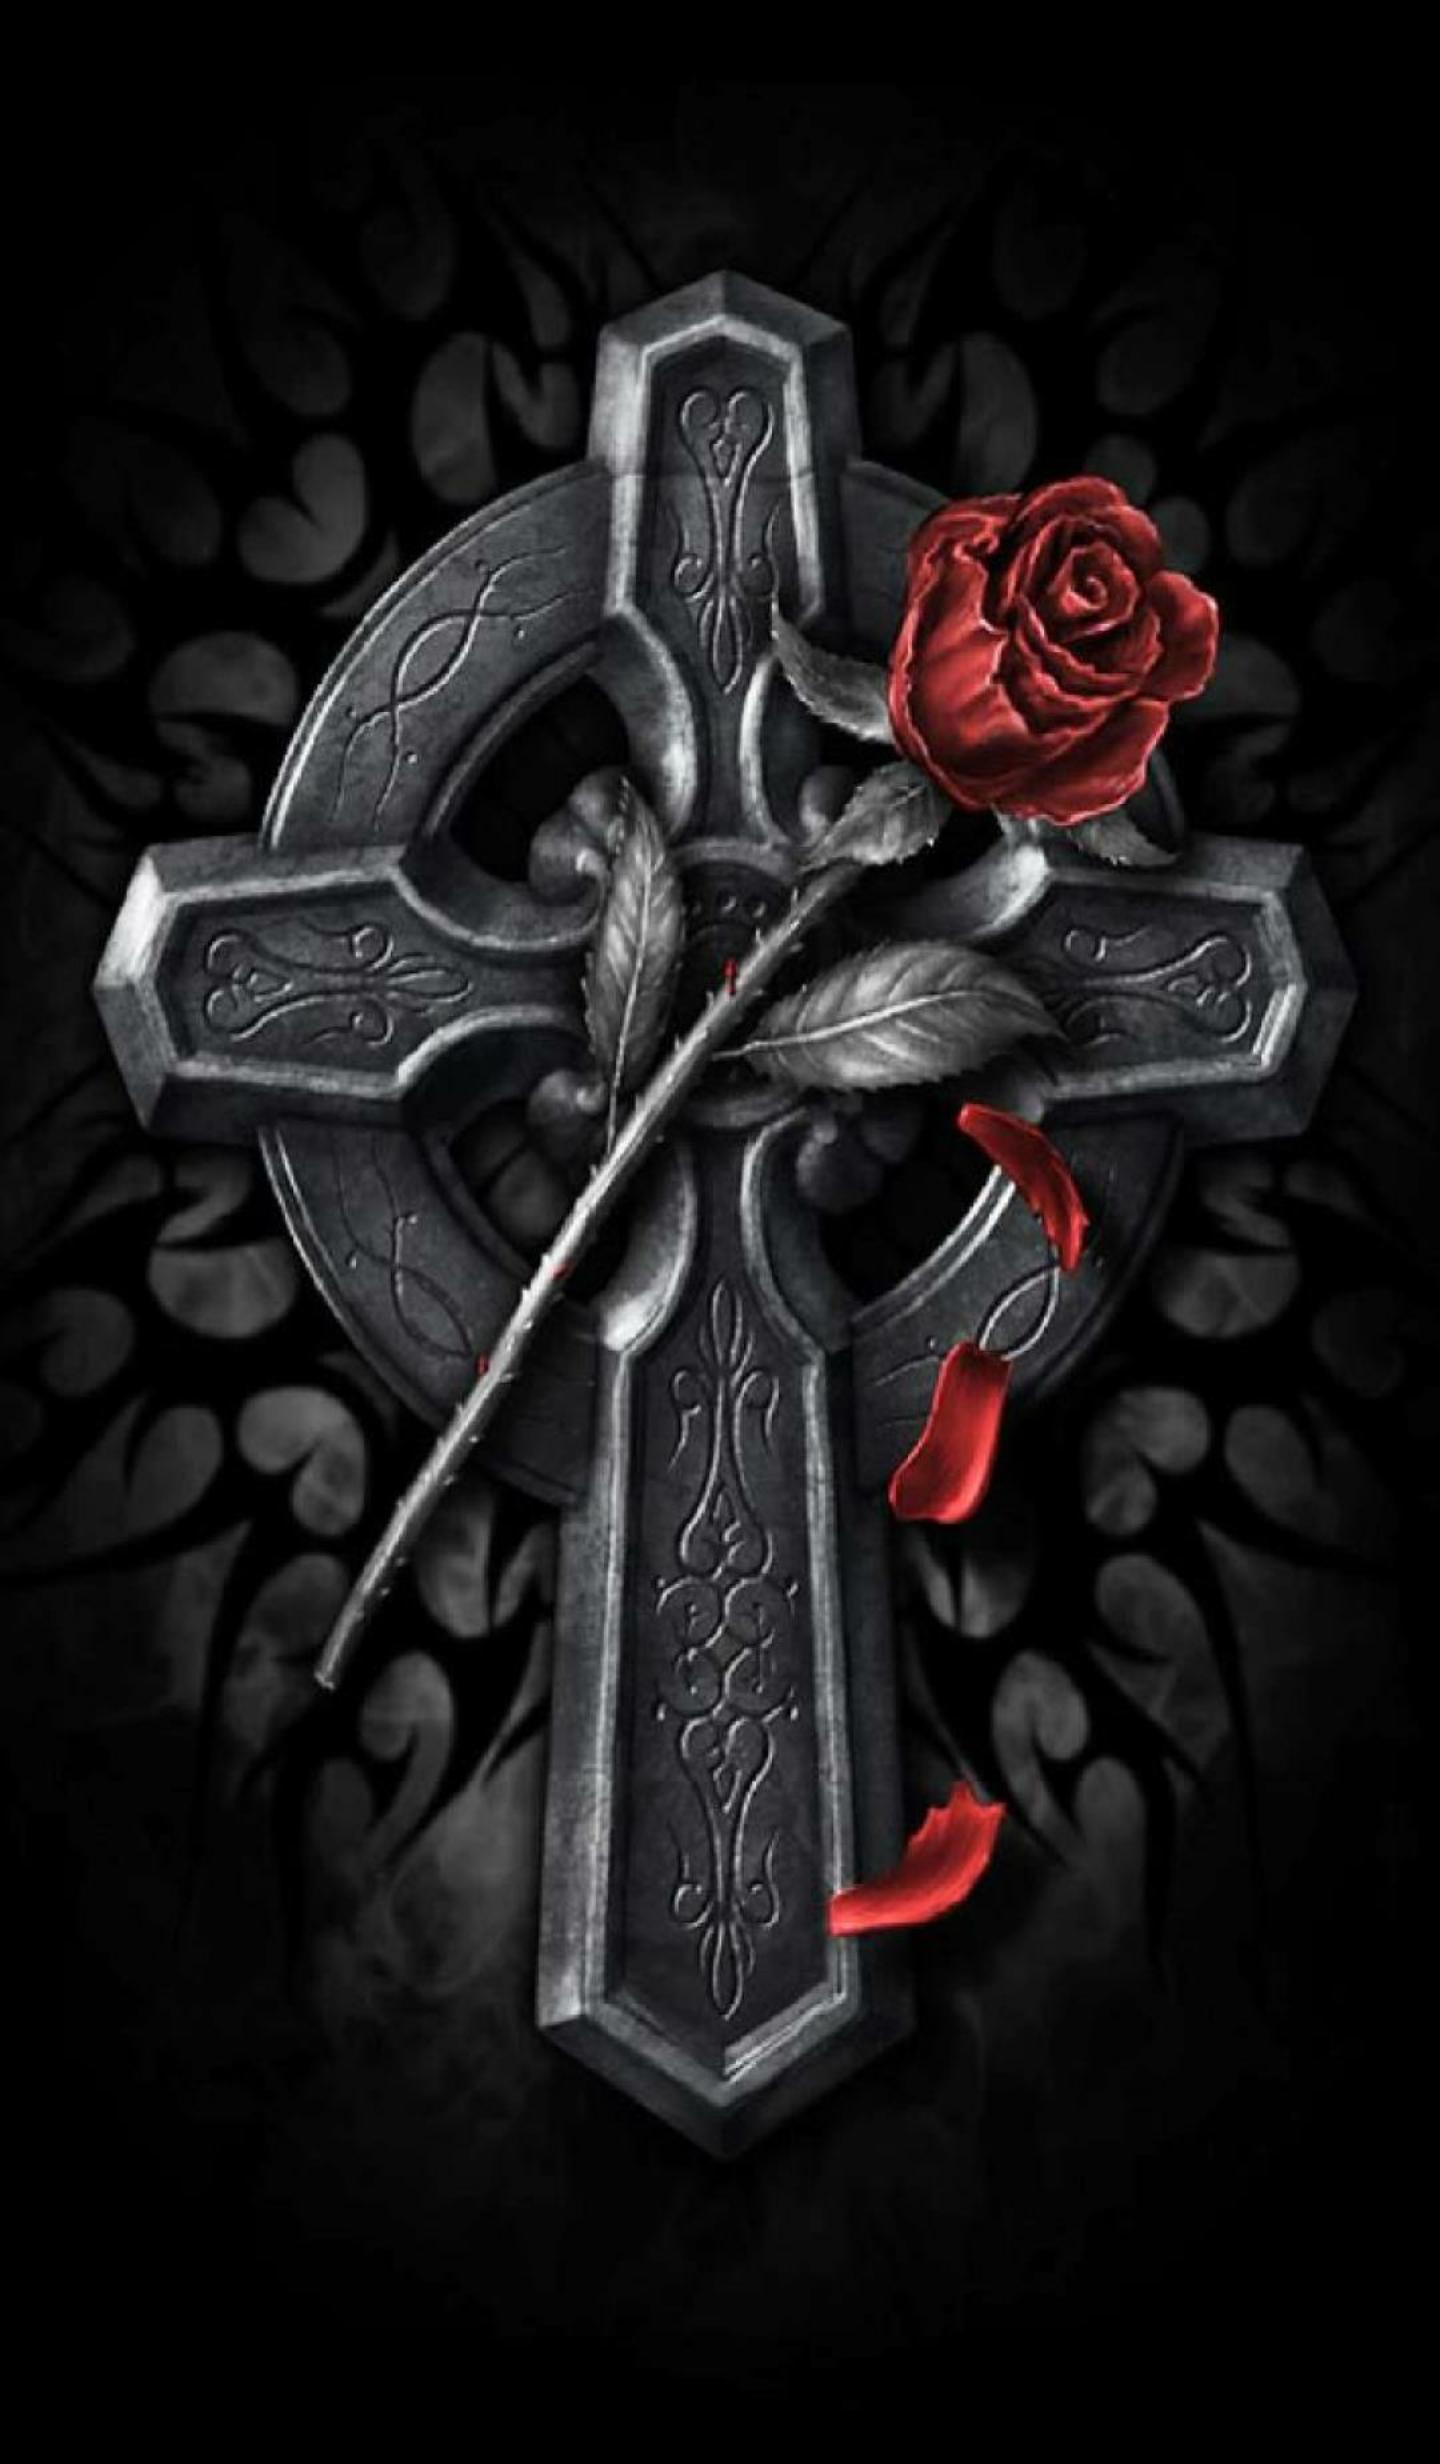 Dark rose crosses pinterest rose dark and gothic - Gothic hintergrundbilder ...